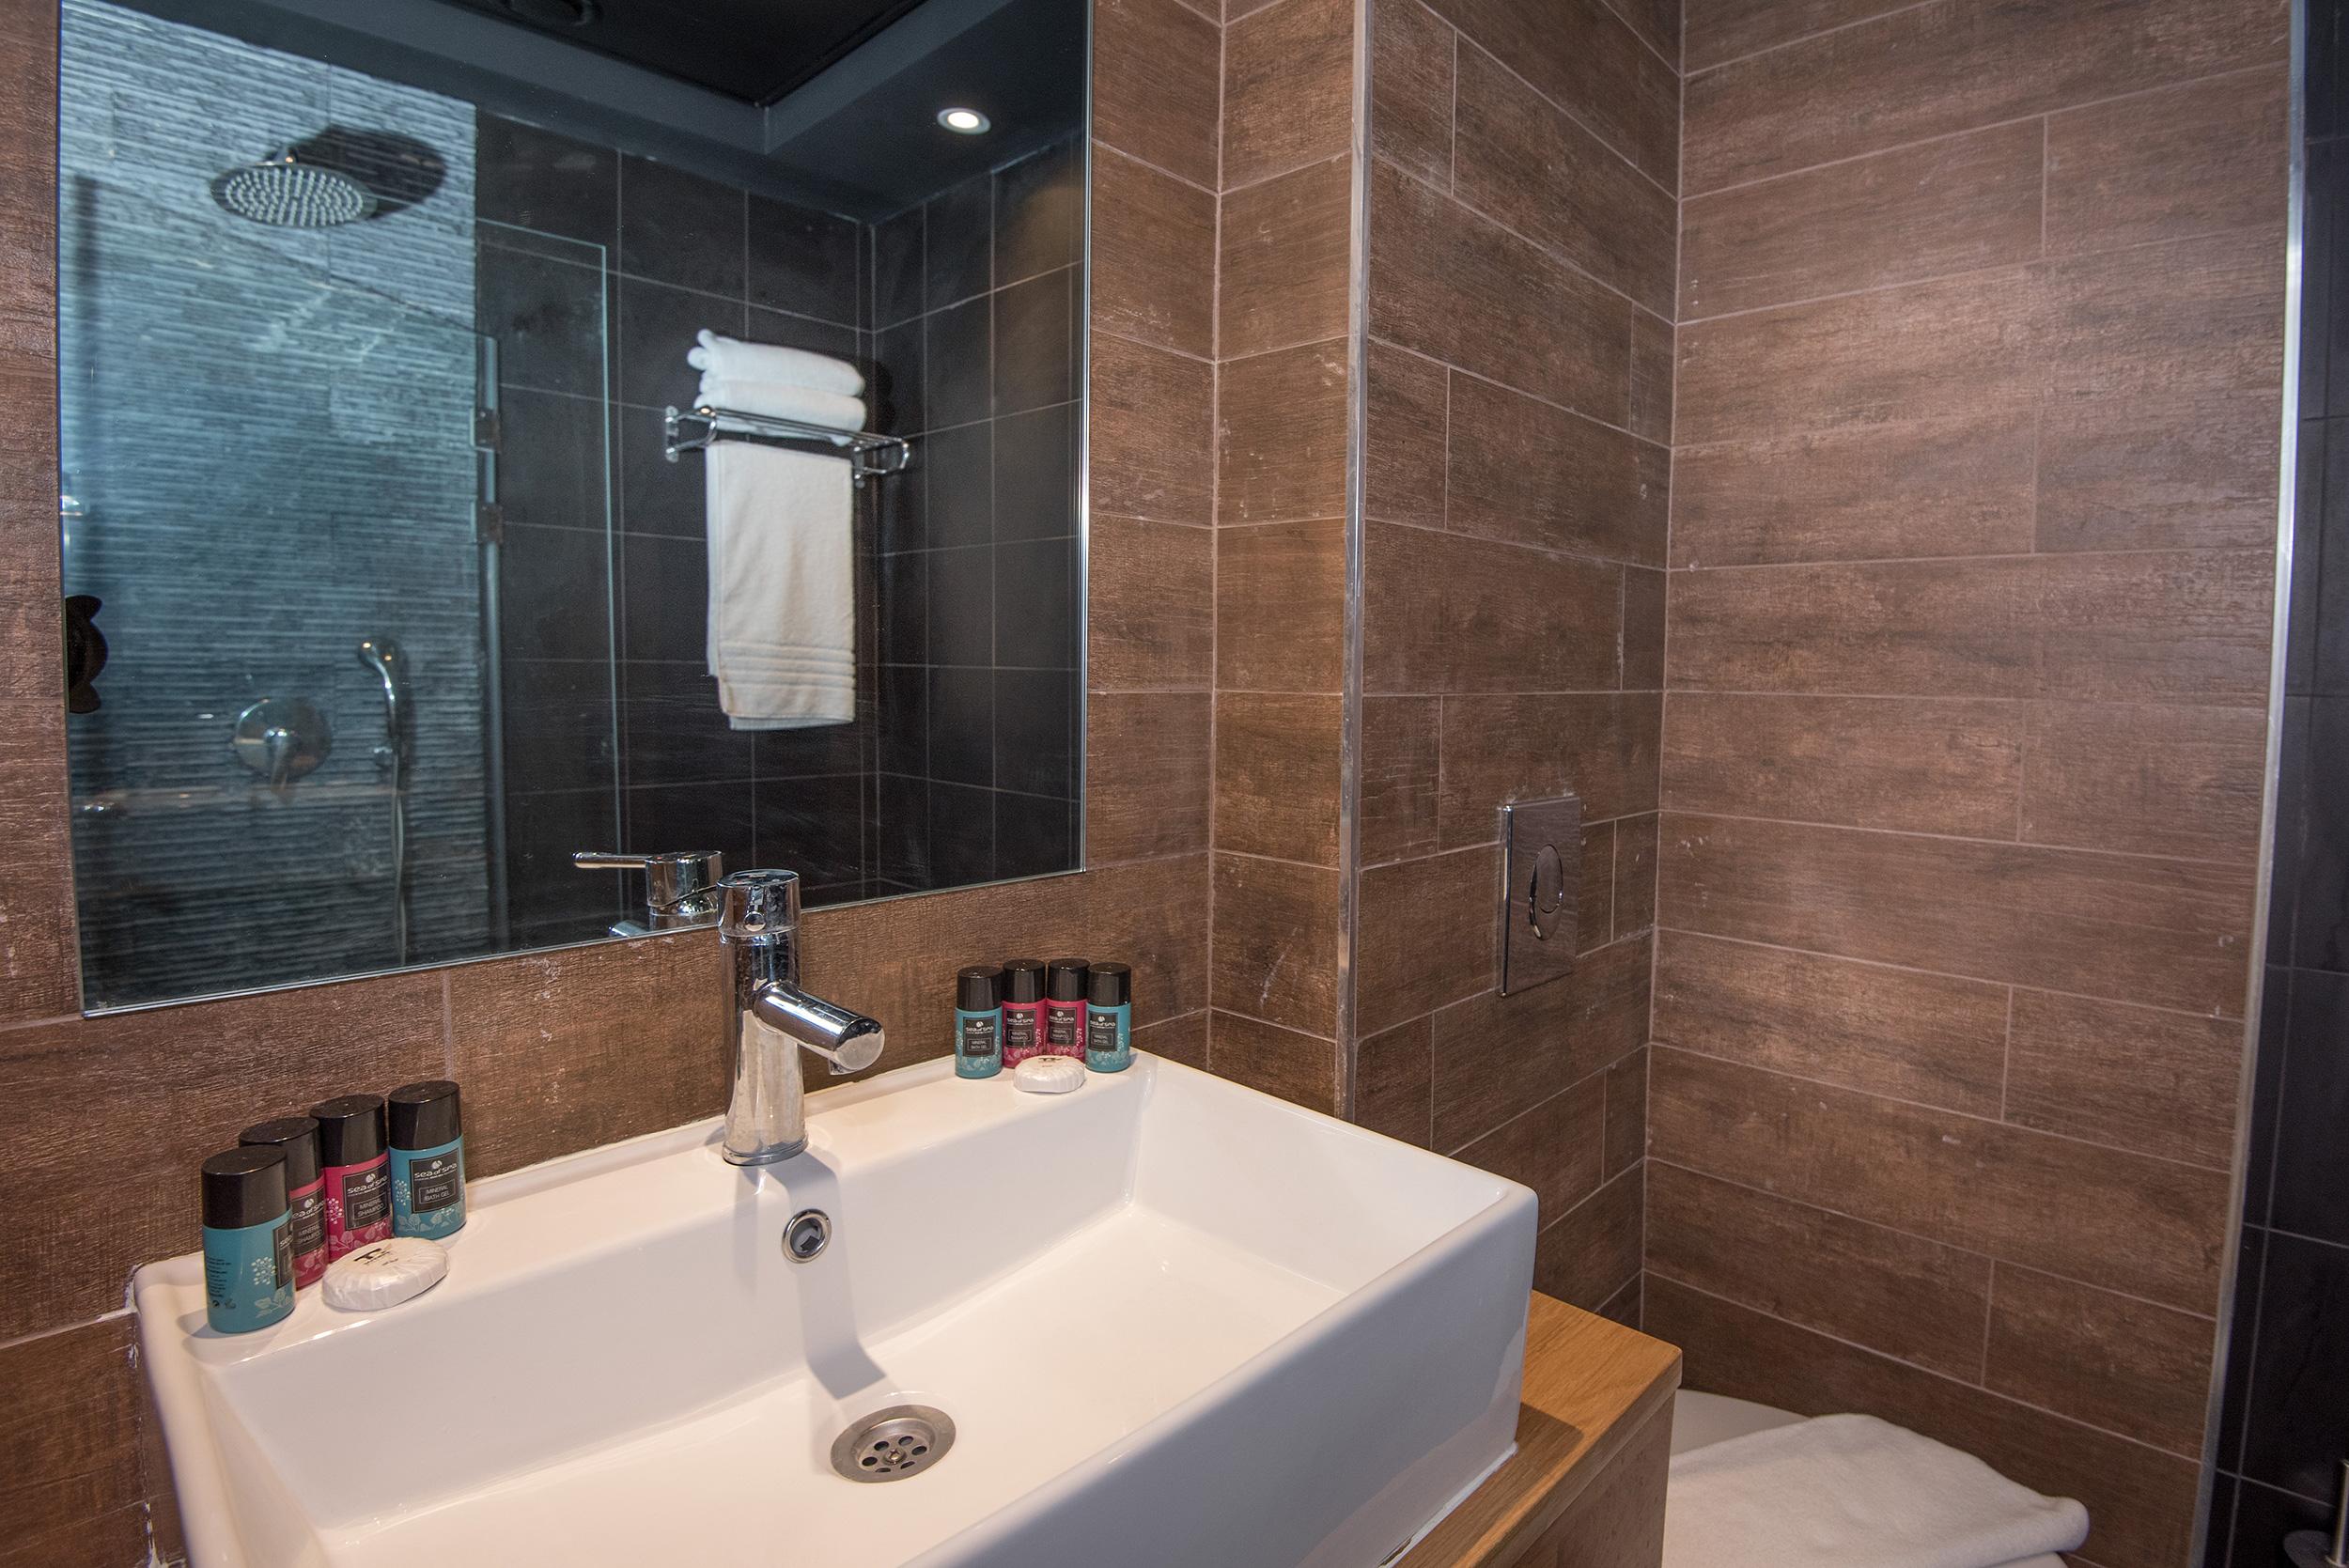 חדר קלאסיק מקלחת 2